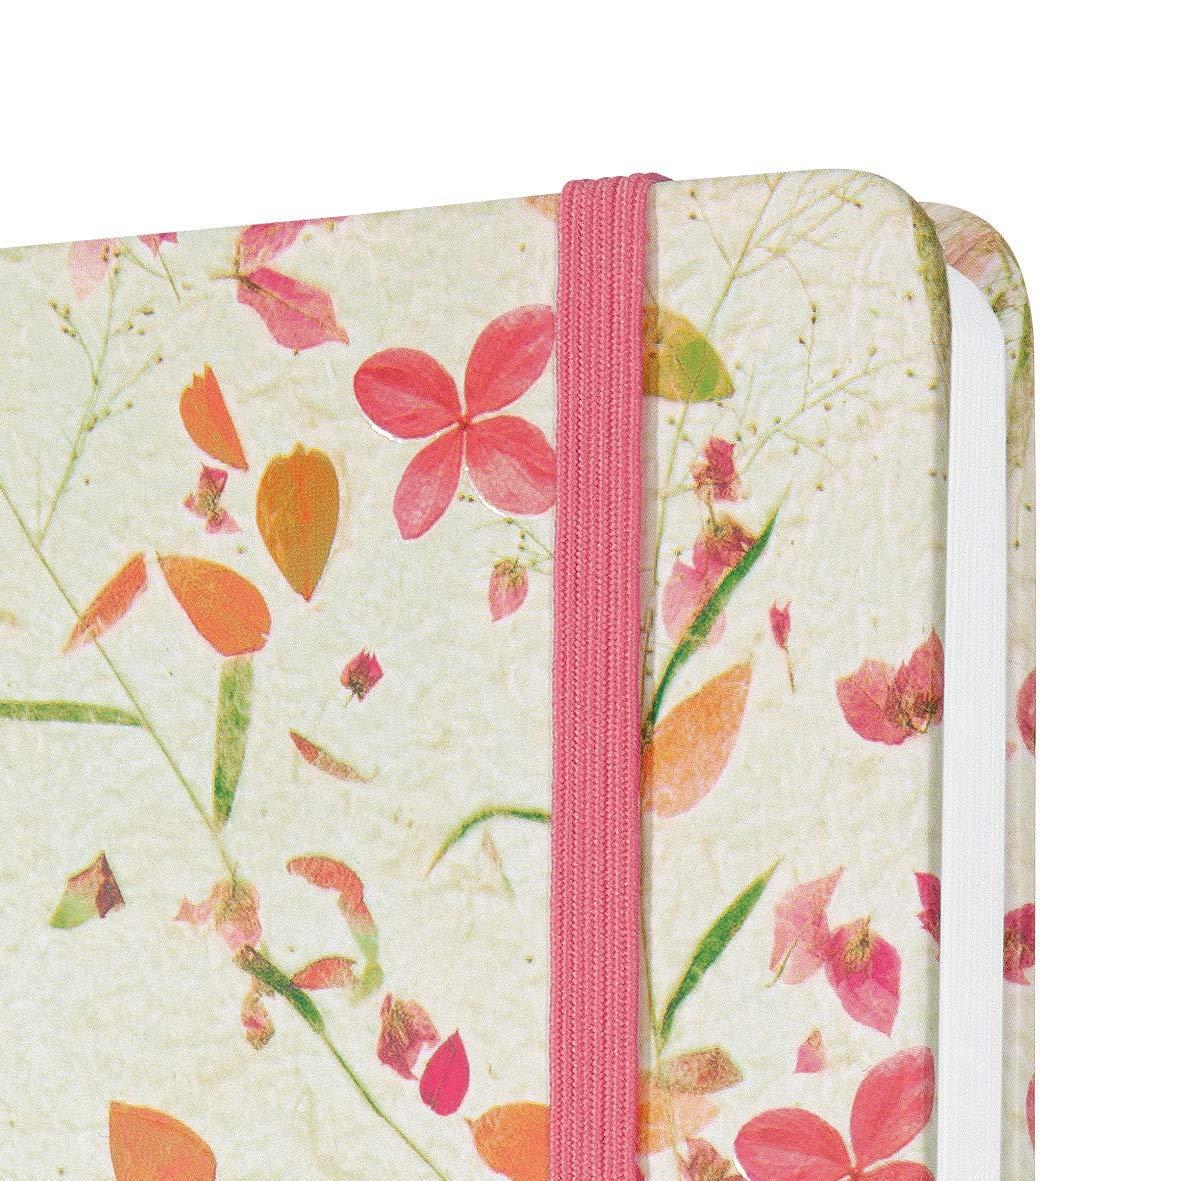 beige e rosa A5 motivo fiori copertina rigida formato ca SIGEL J0307 Agenda settimanale Jolie 2020